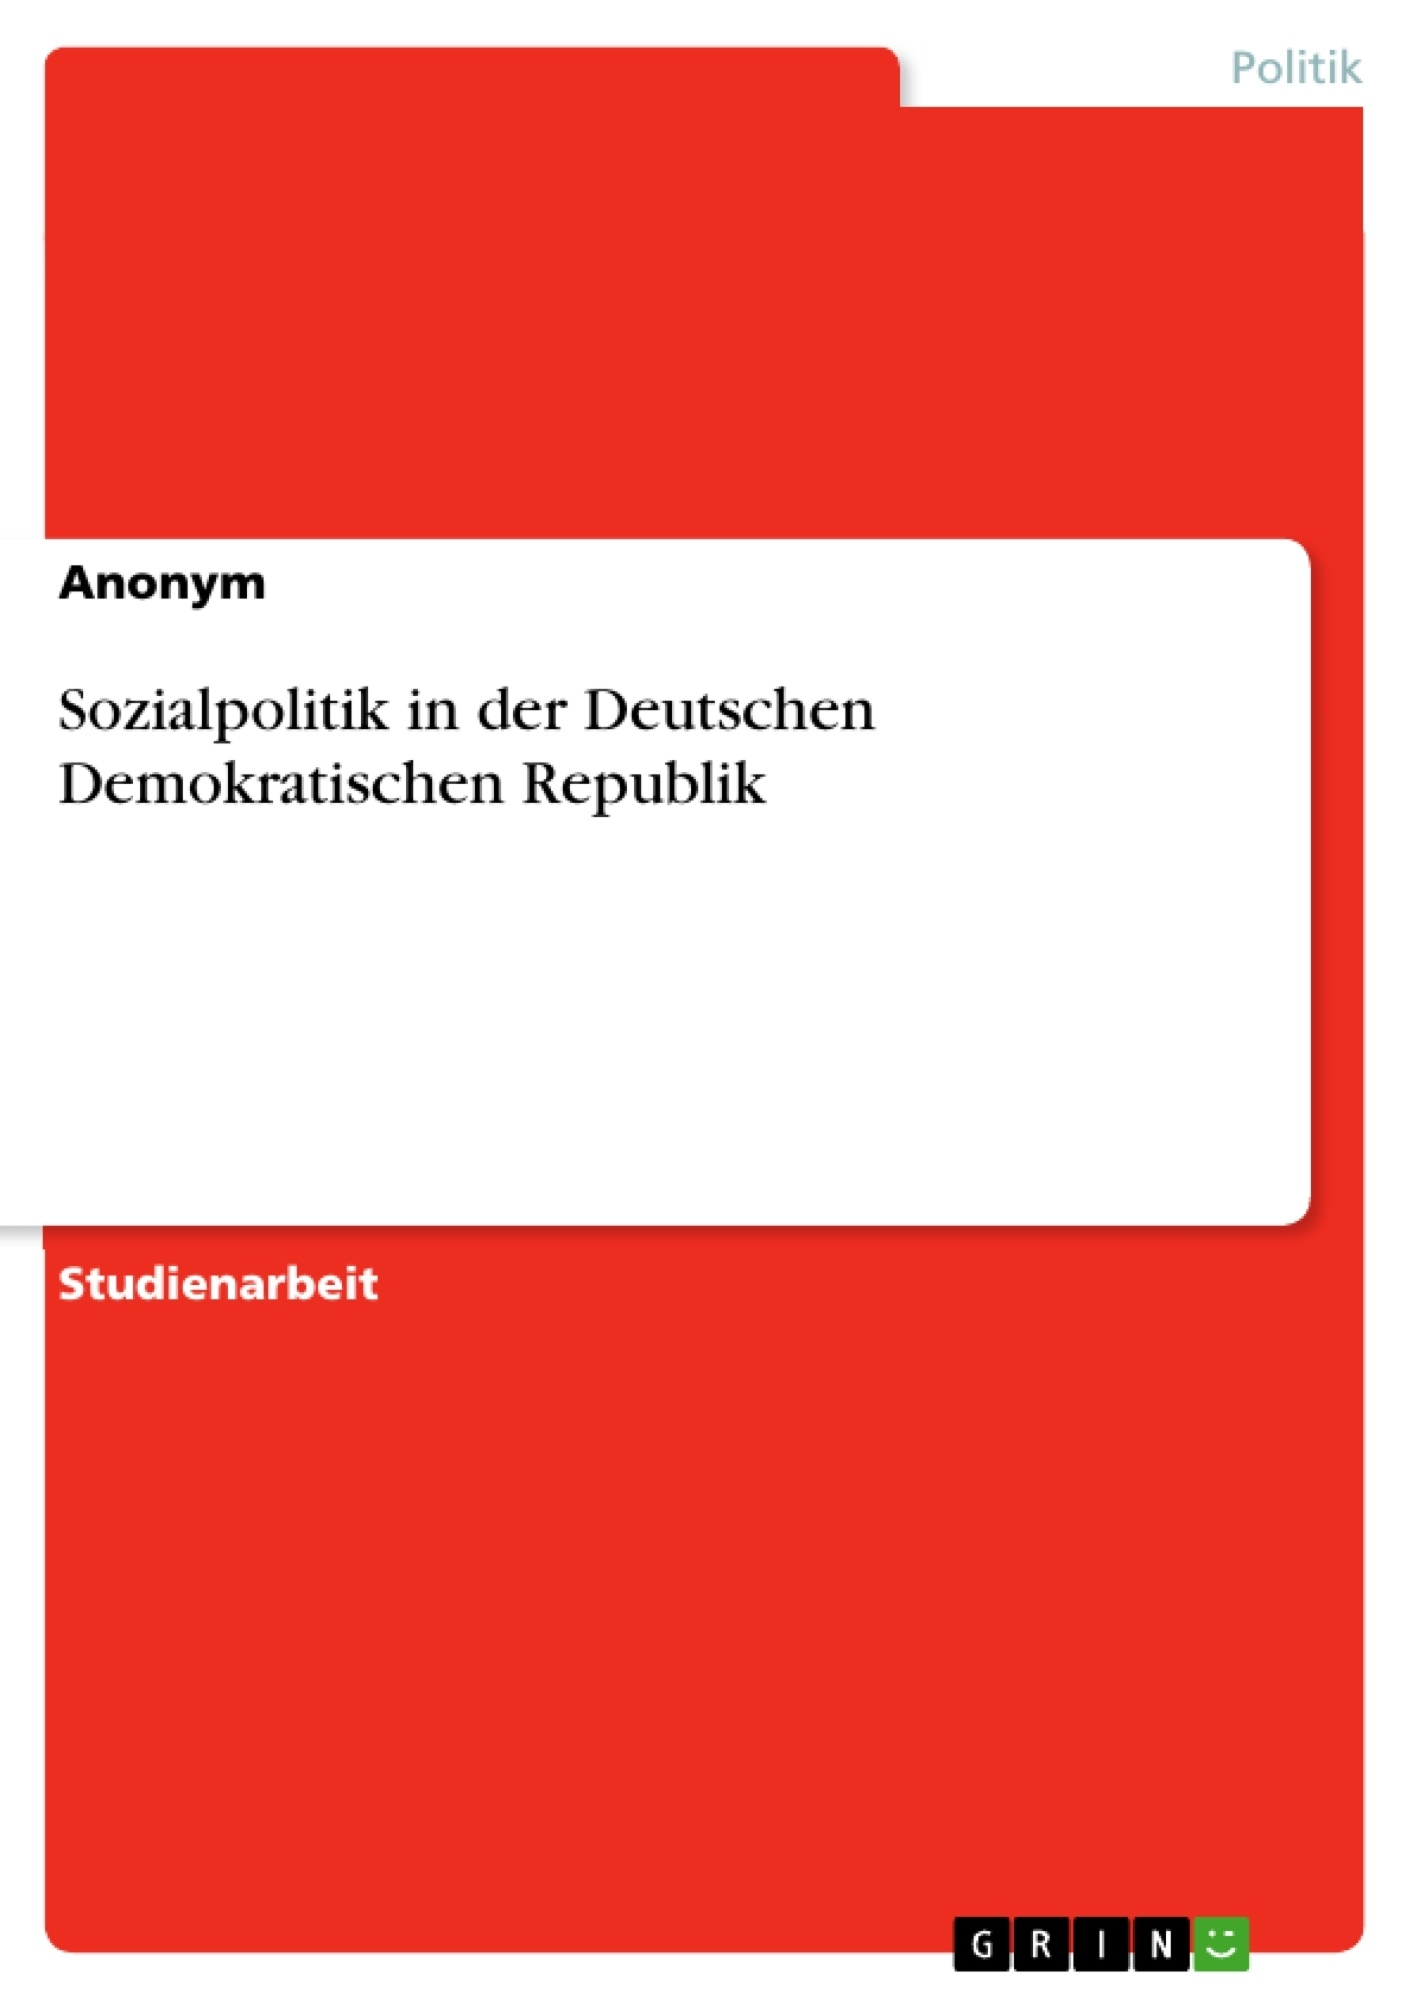 Titel: Sozialpolitik in der Deutschen Demokratischen Republik